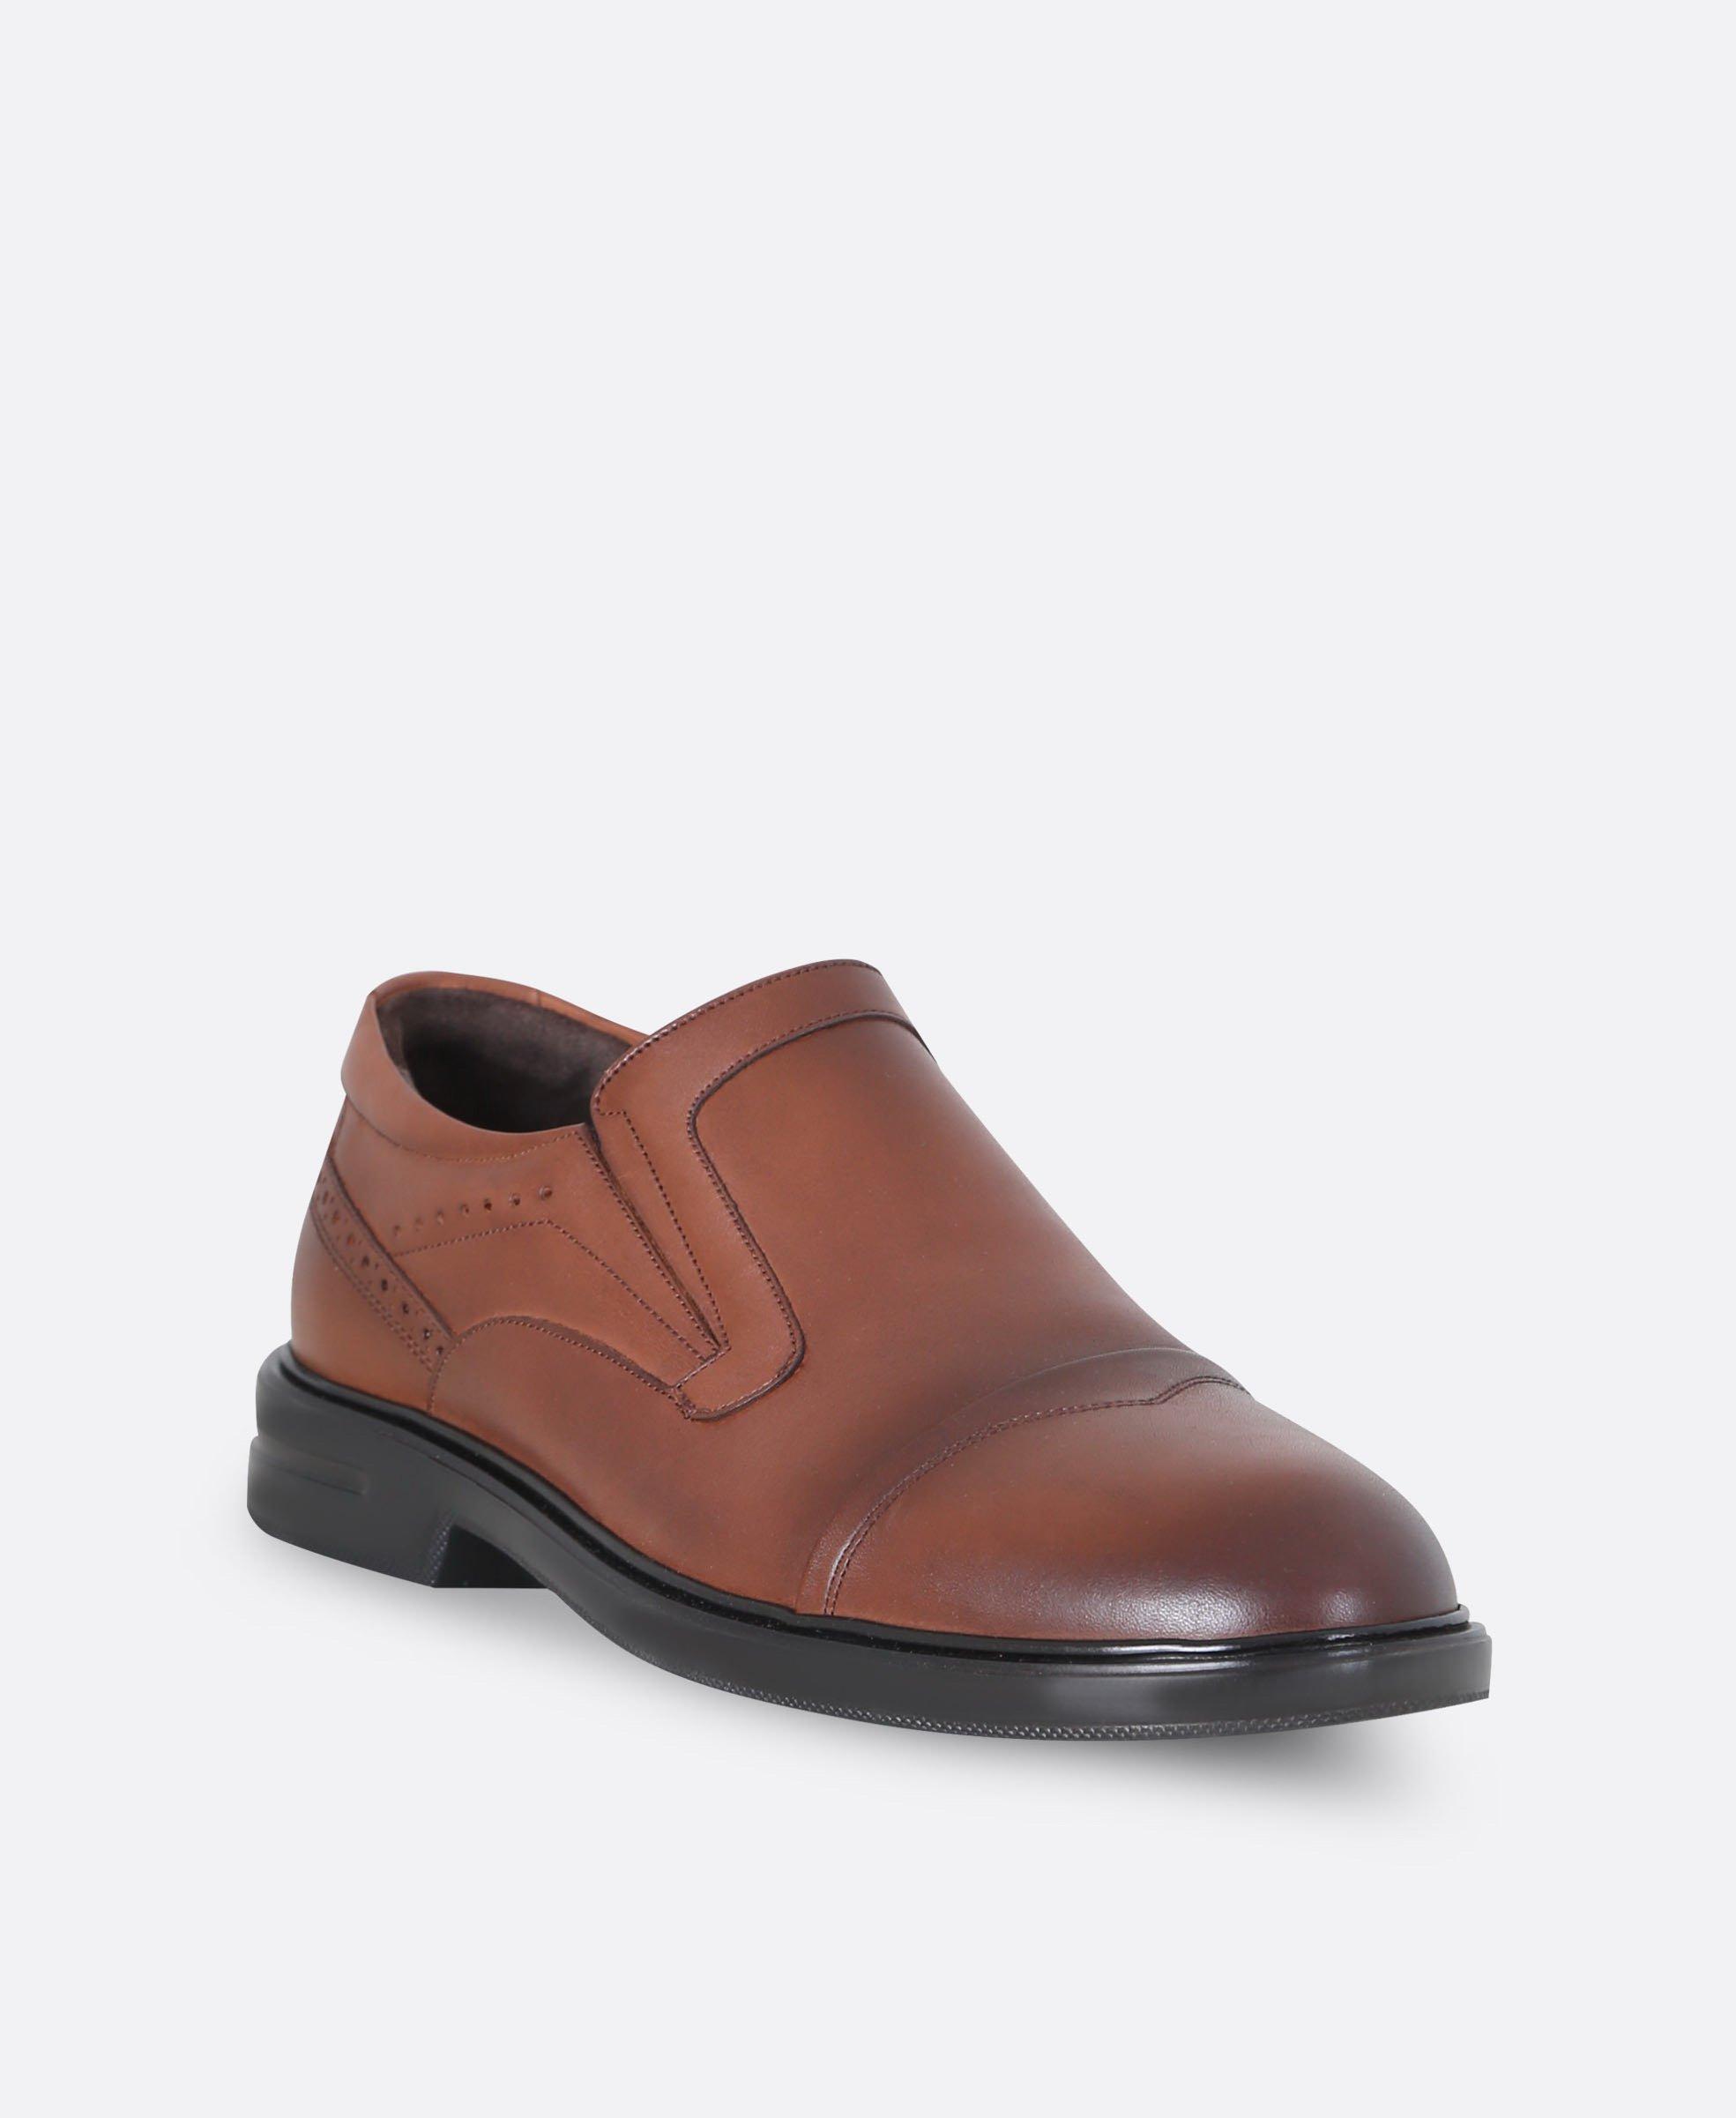 کفش مردانه چرم 3438